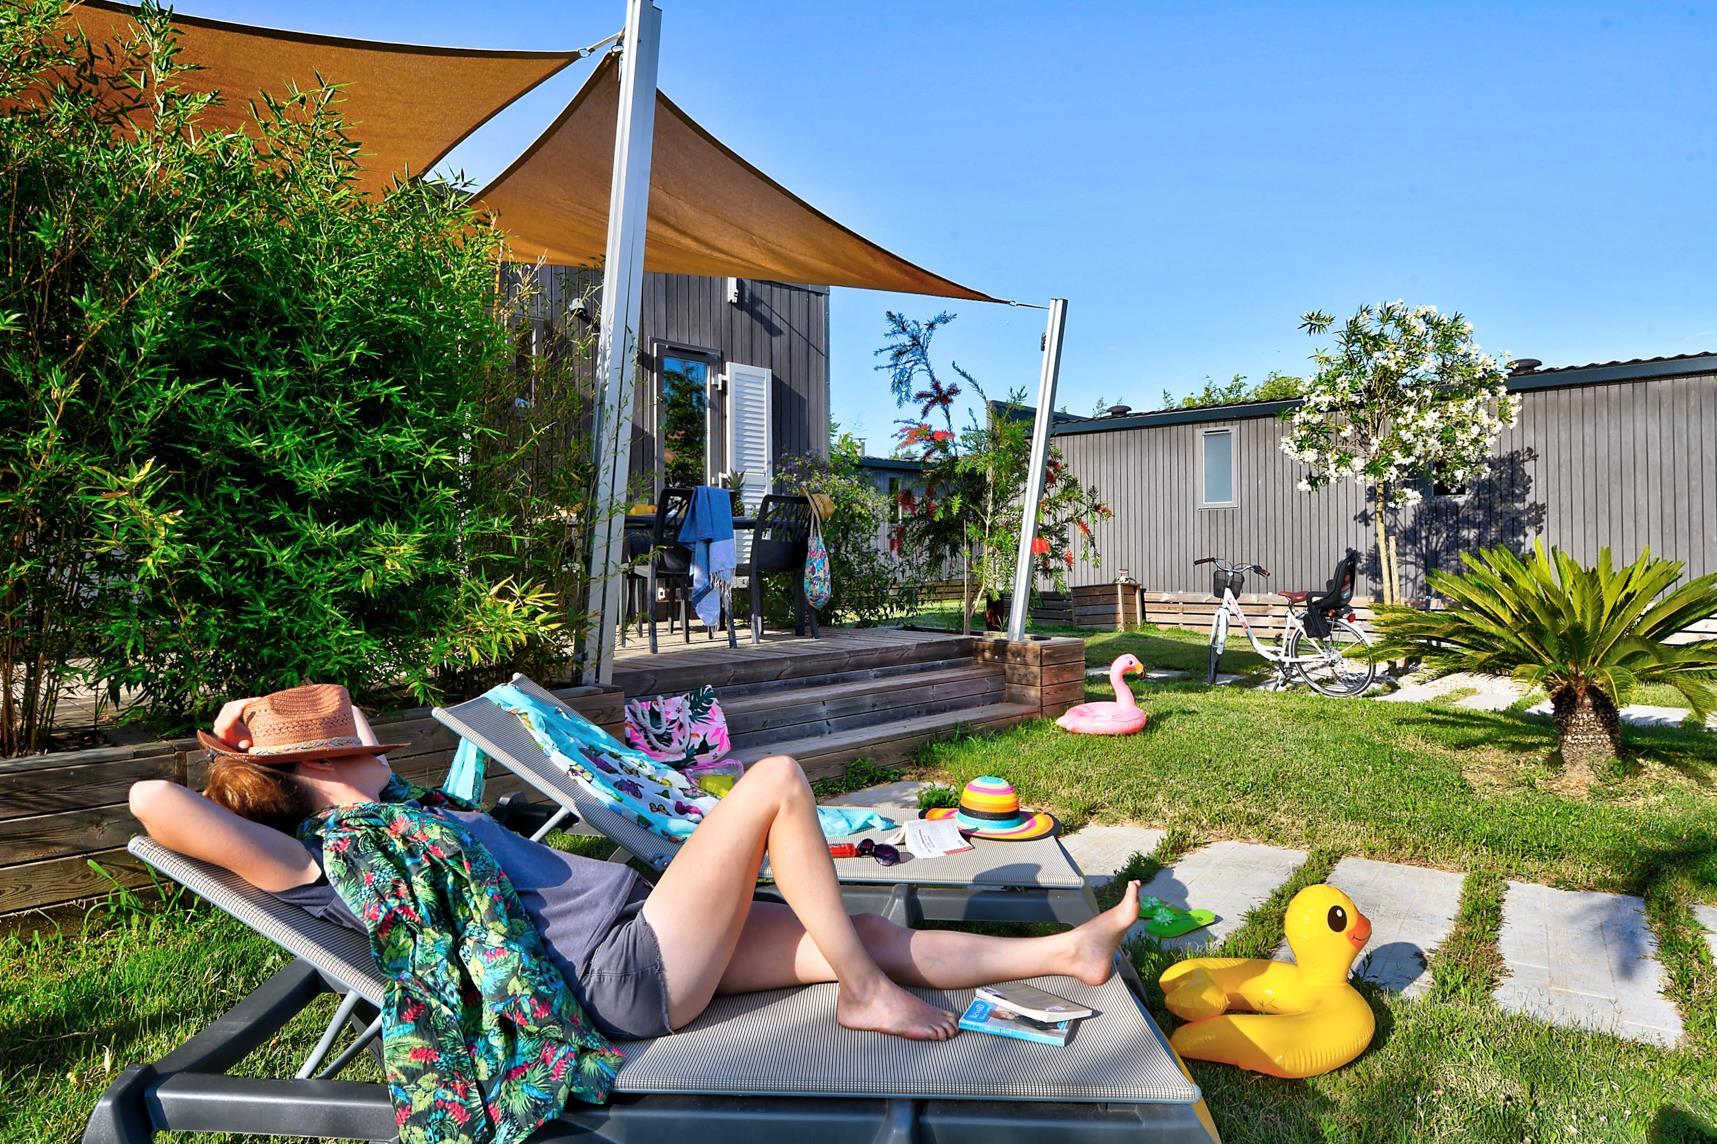 Location - Mobil Home Ciela Prestige - 36M² - 1 Suite Parentale- 1 Chambre- 2 Salles De Bain- Climatisation - Tv - Lave Vaisselle - Draps Inclus - Camping Les Marsouins